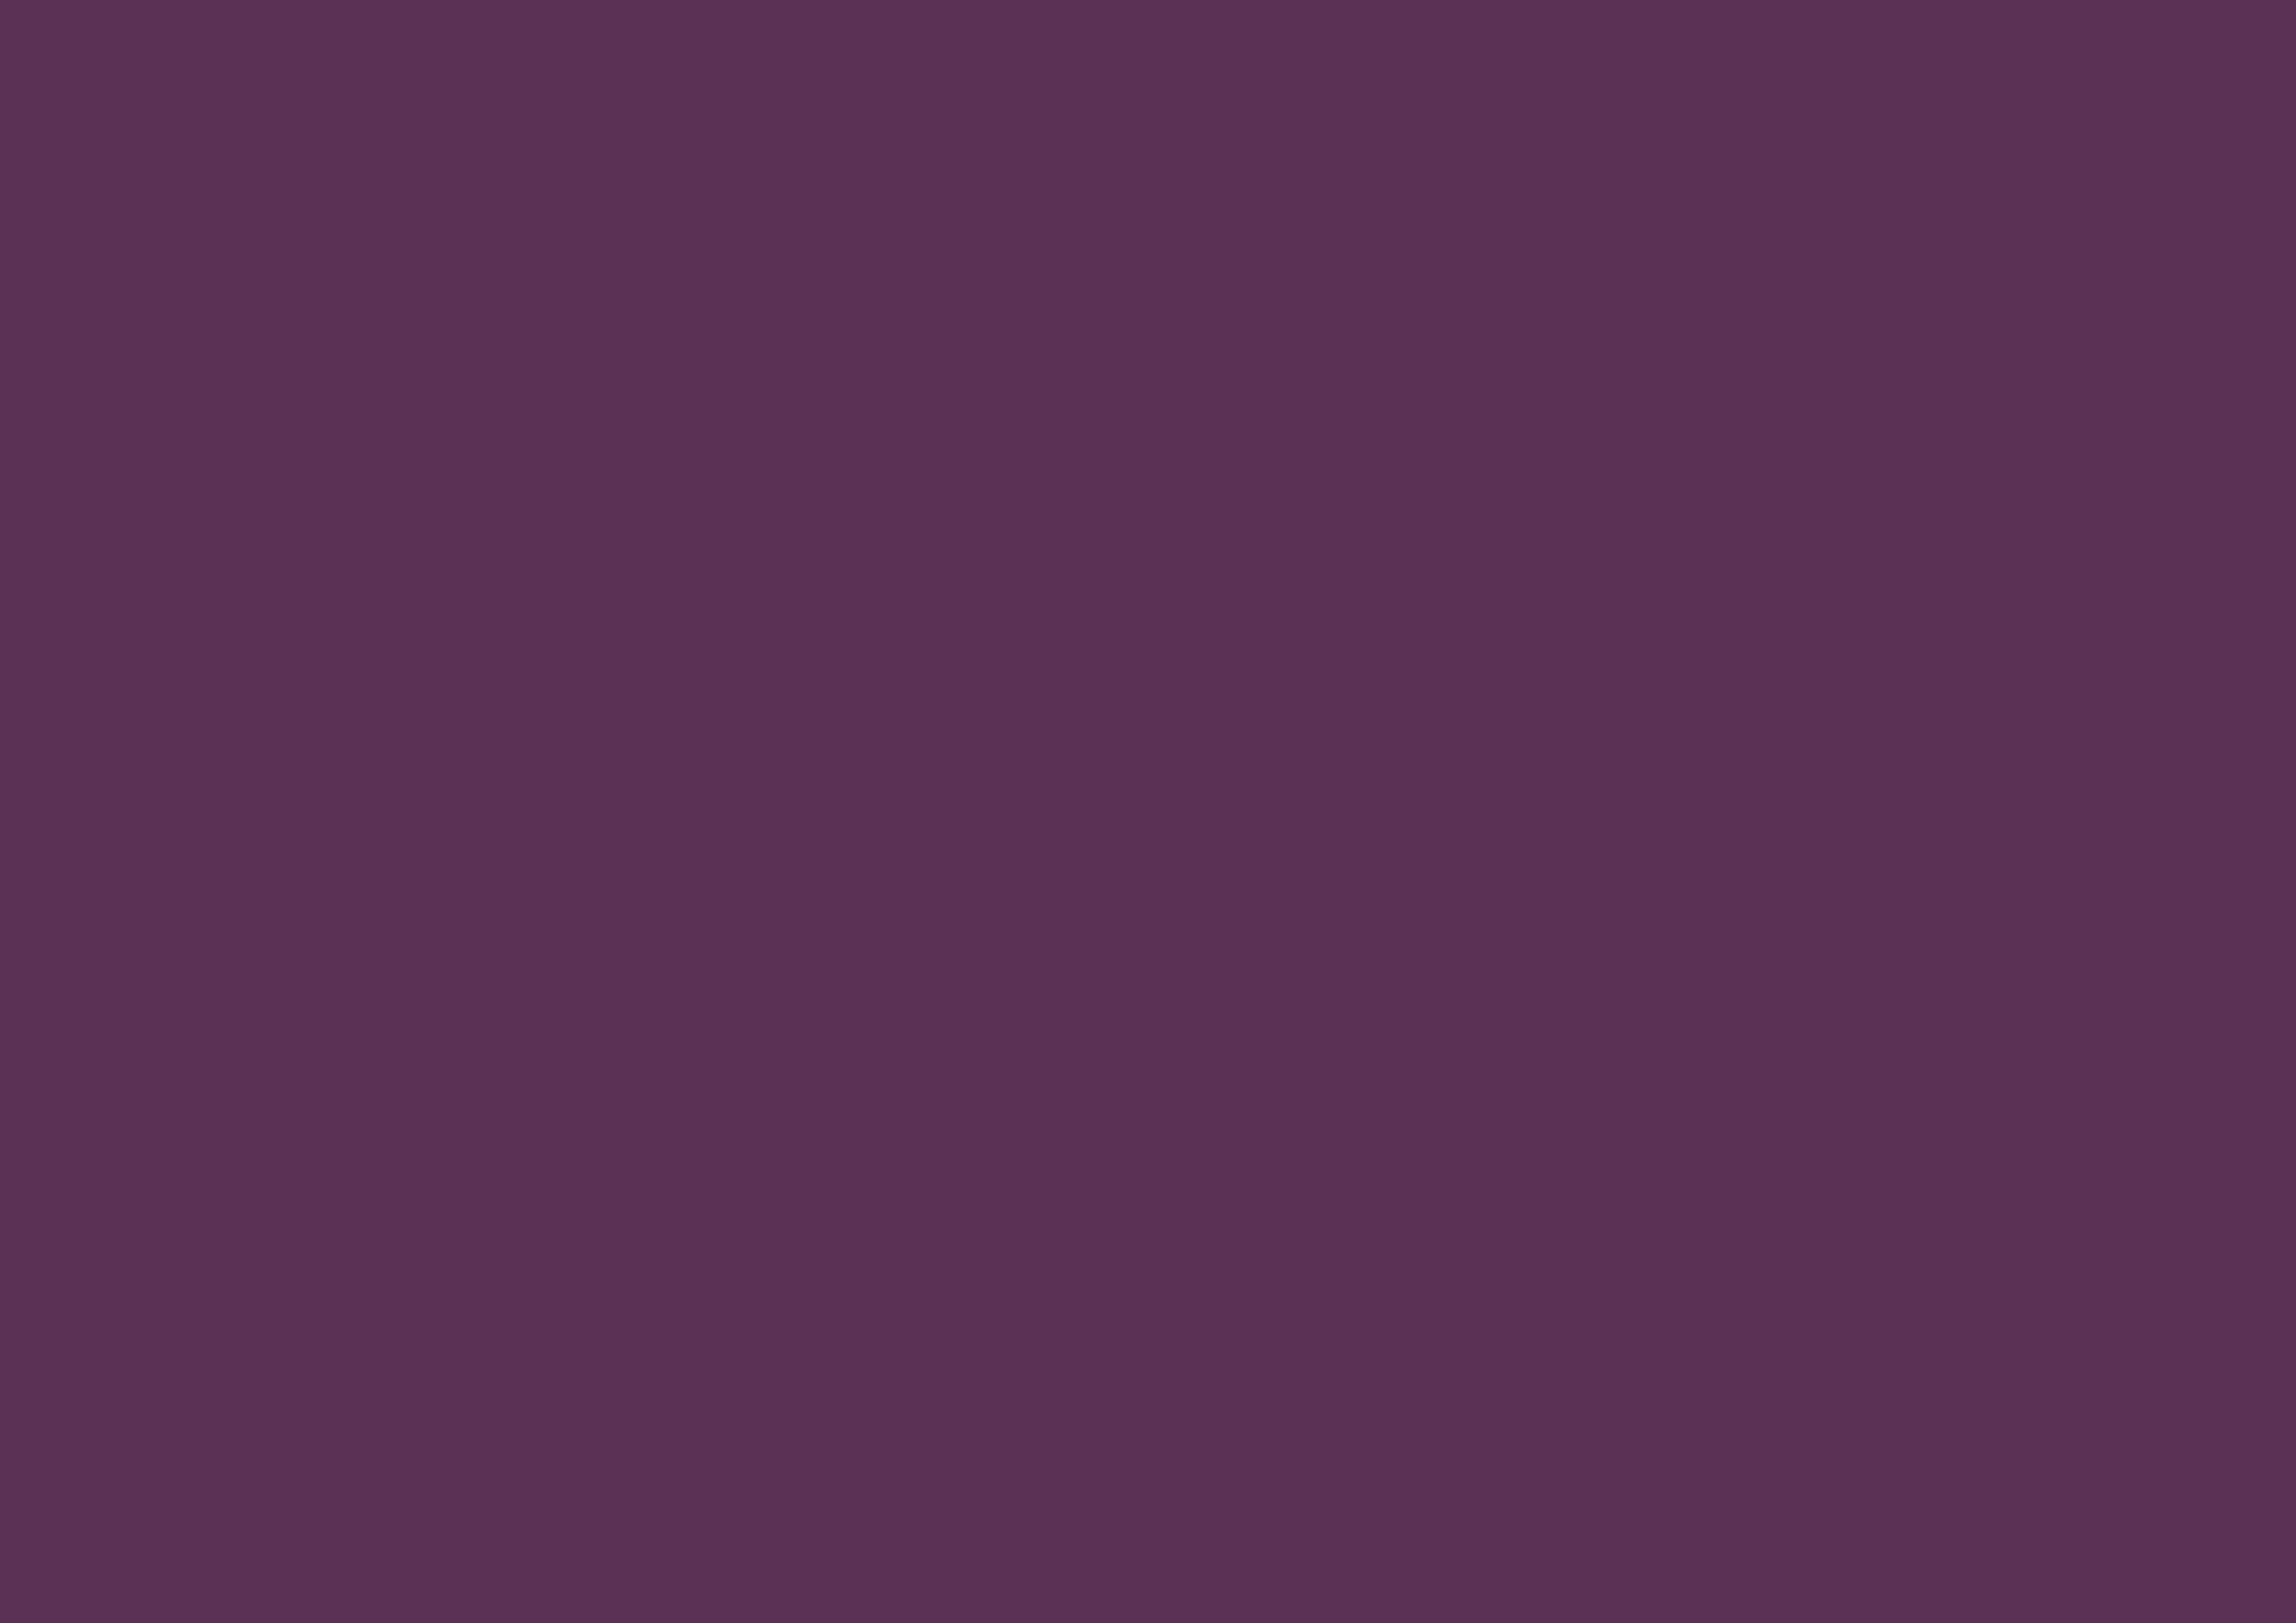 3508x2480 Japanese Violet Solid Color Background